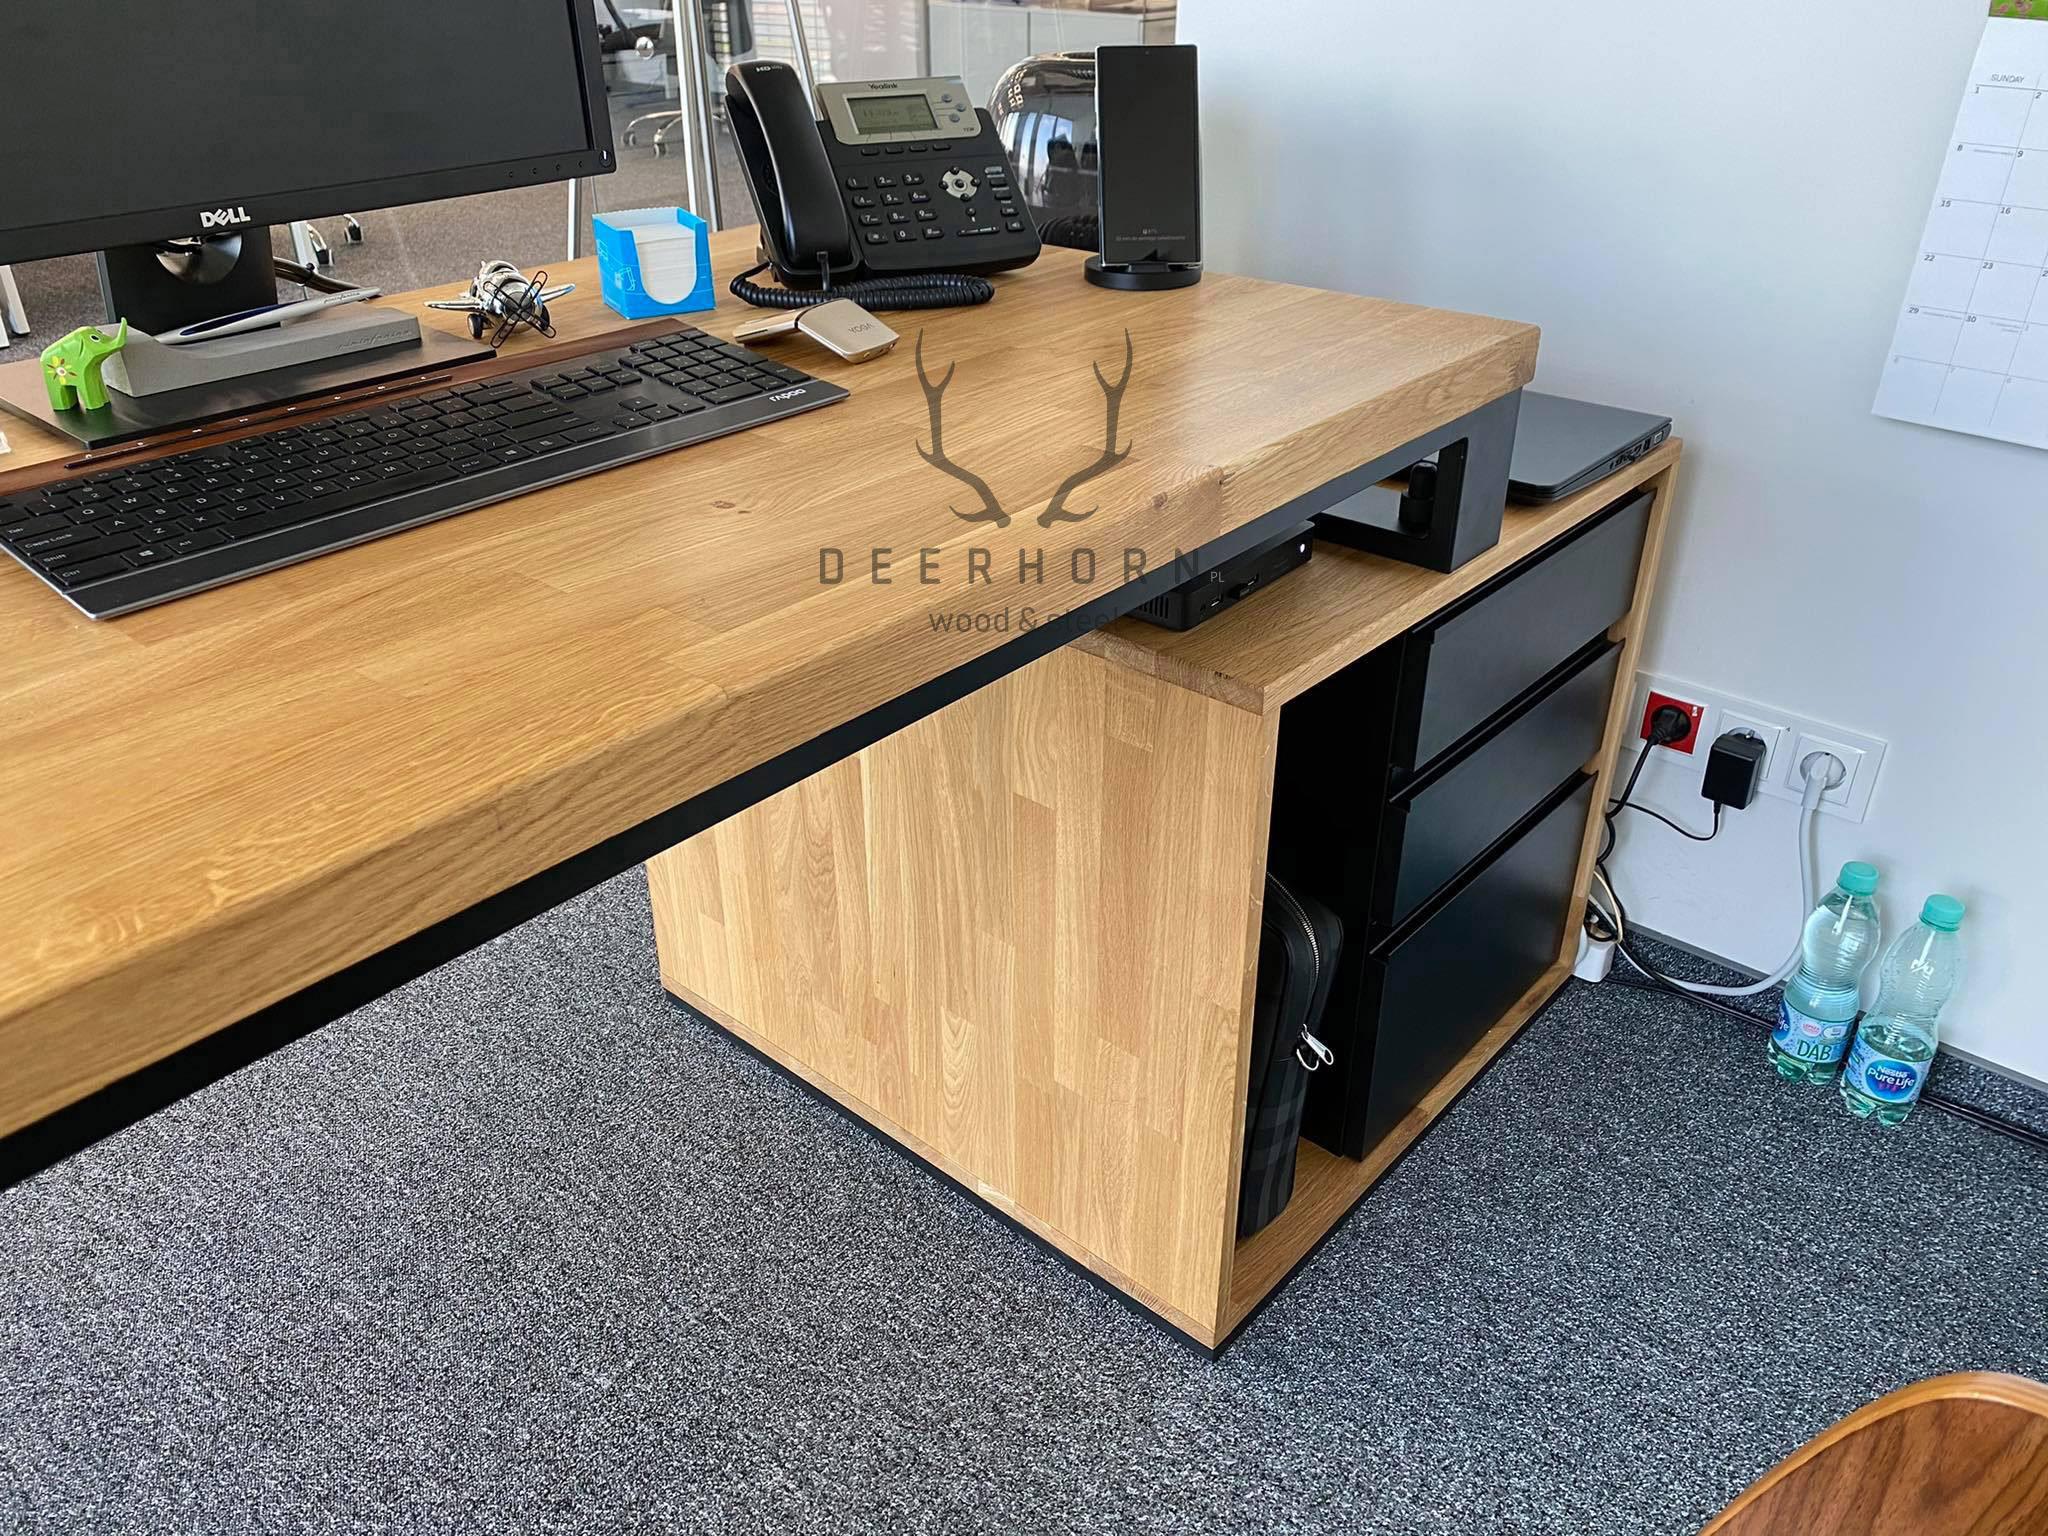 deerhorn office plus